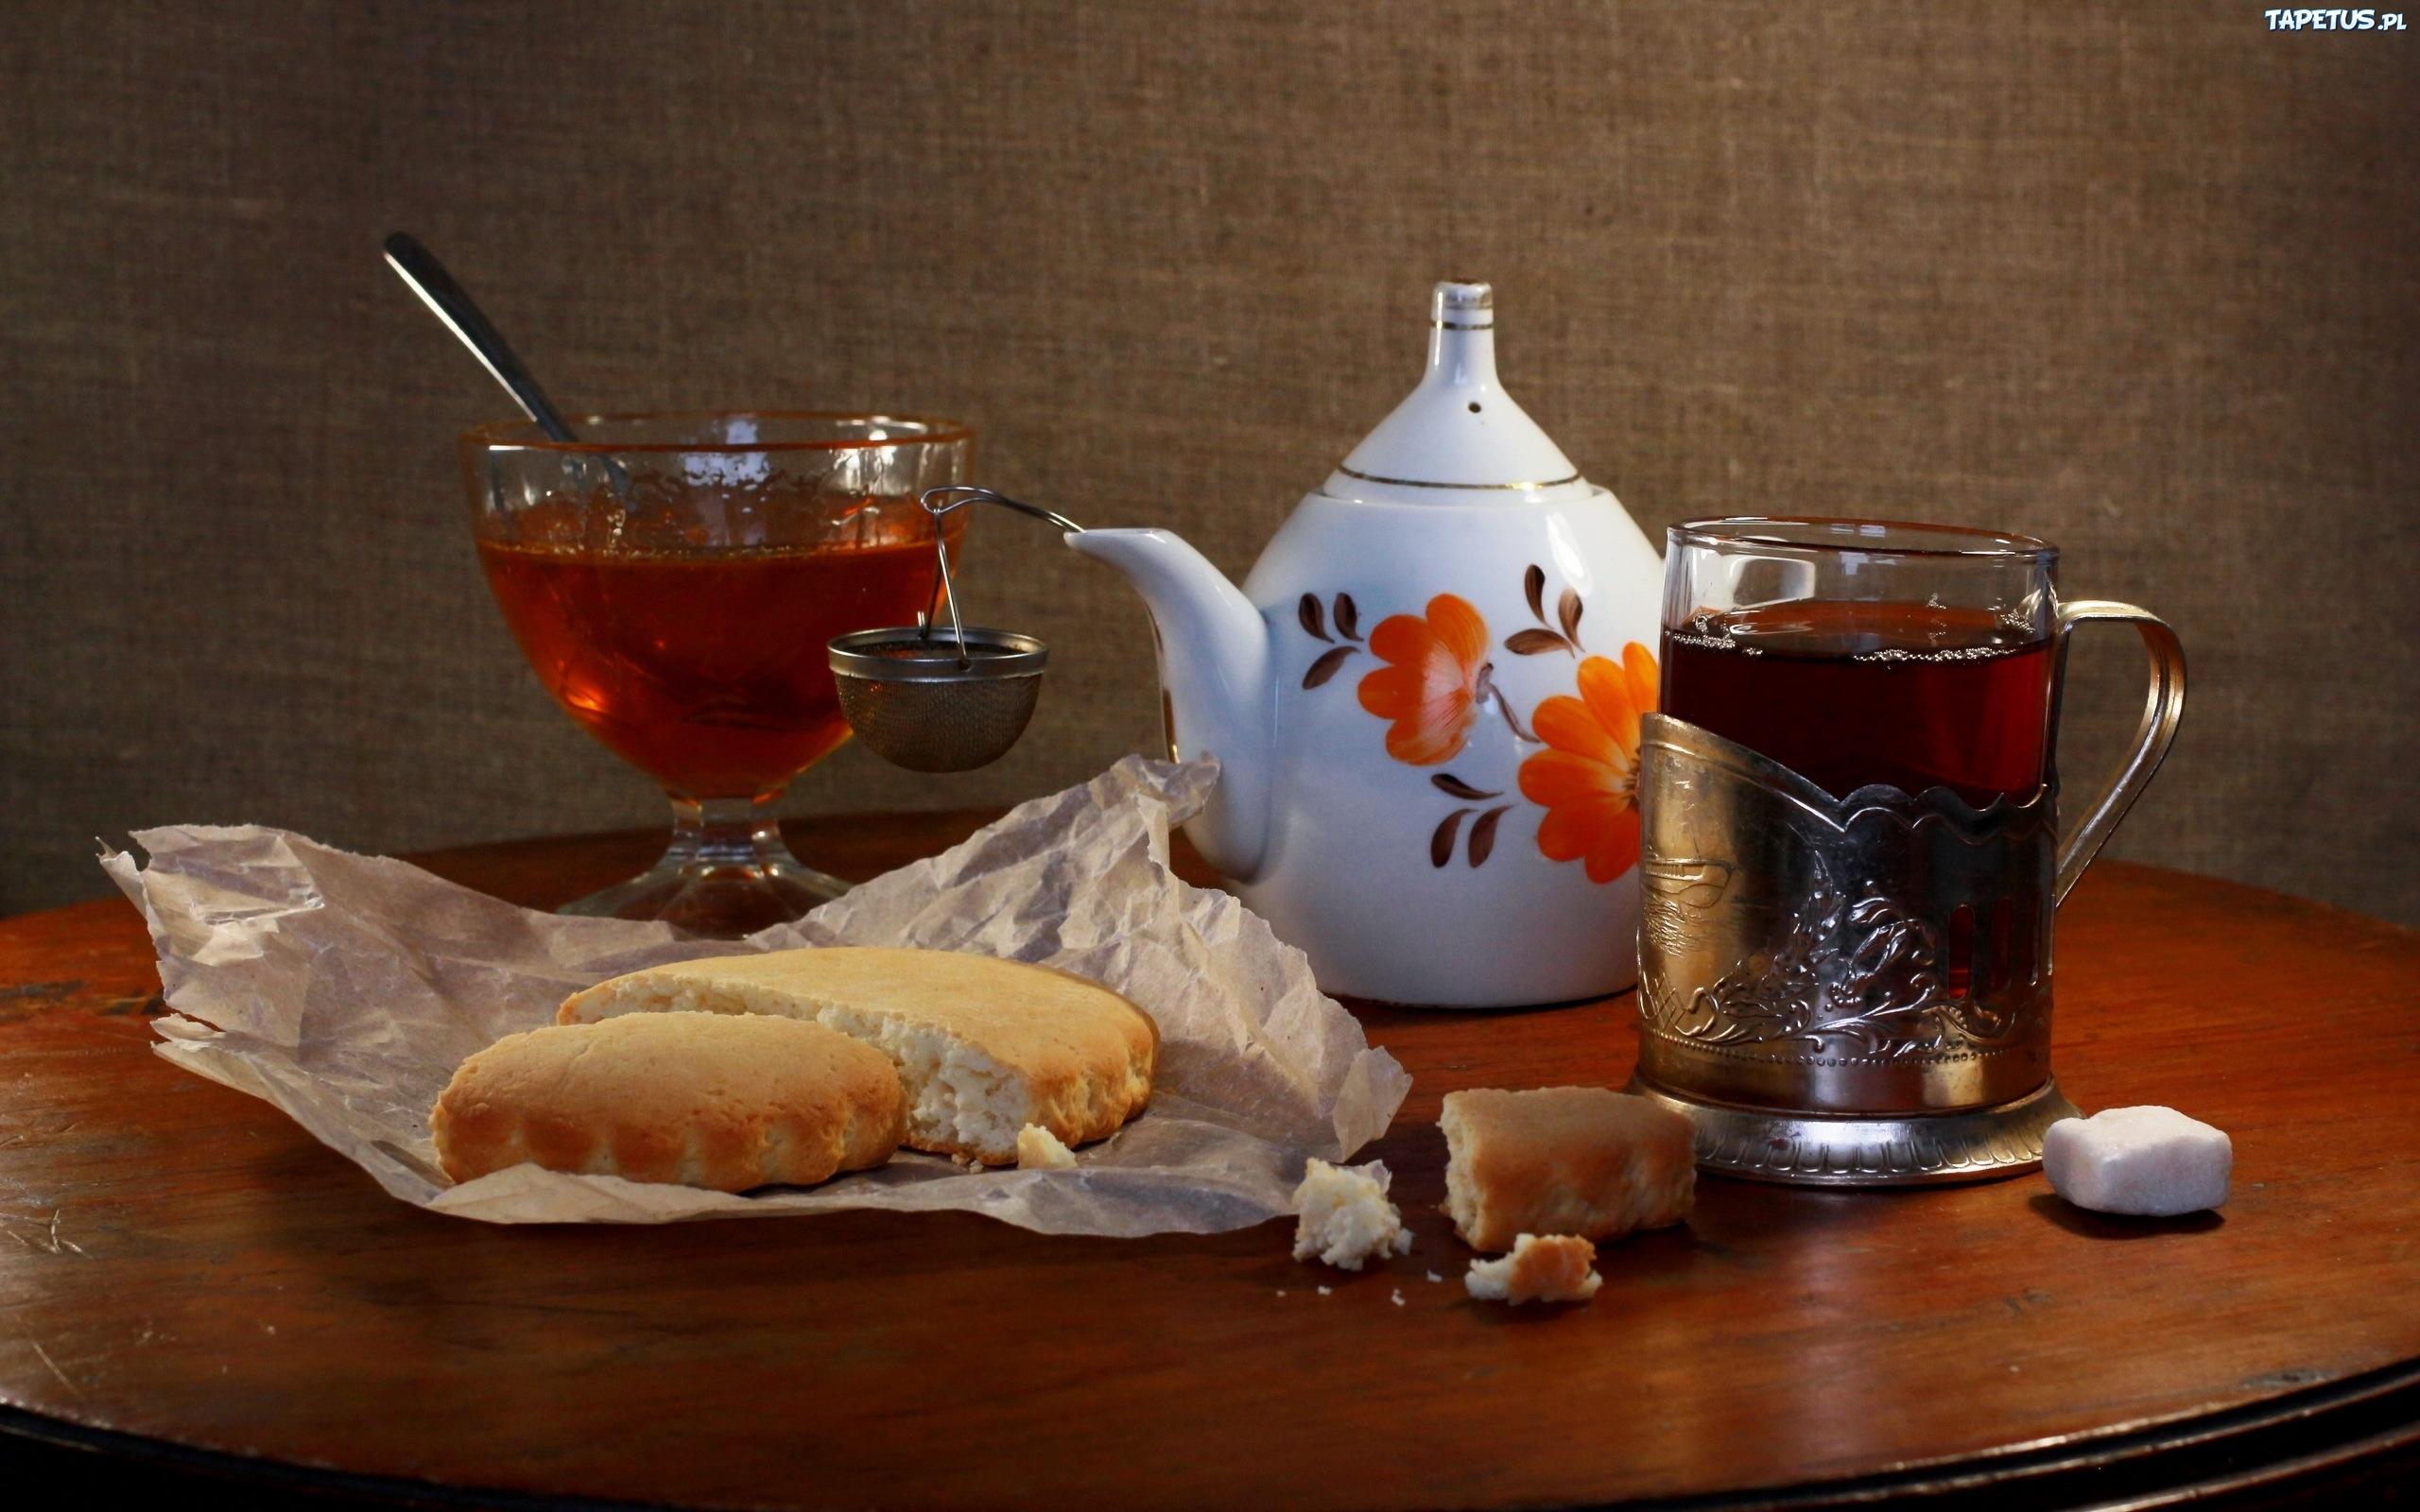 Печенье чай варенье бесплатно